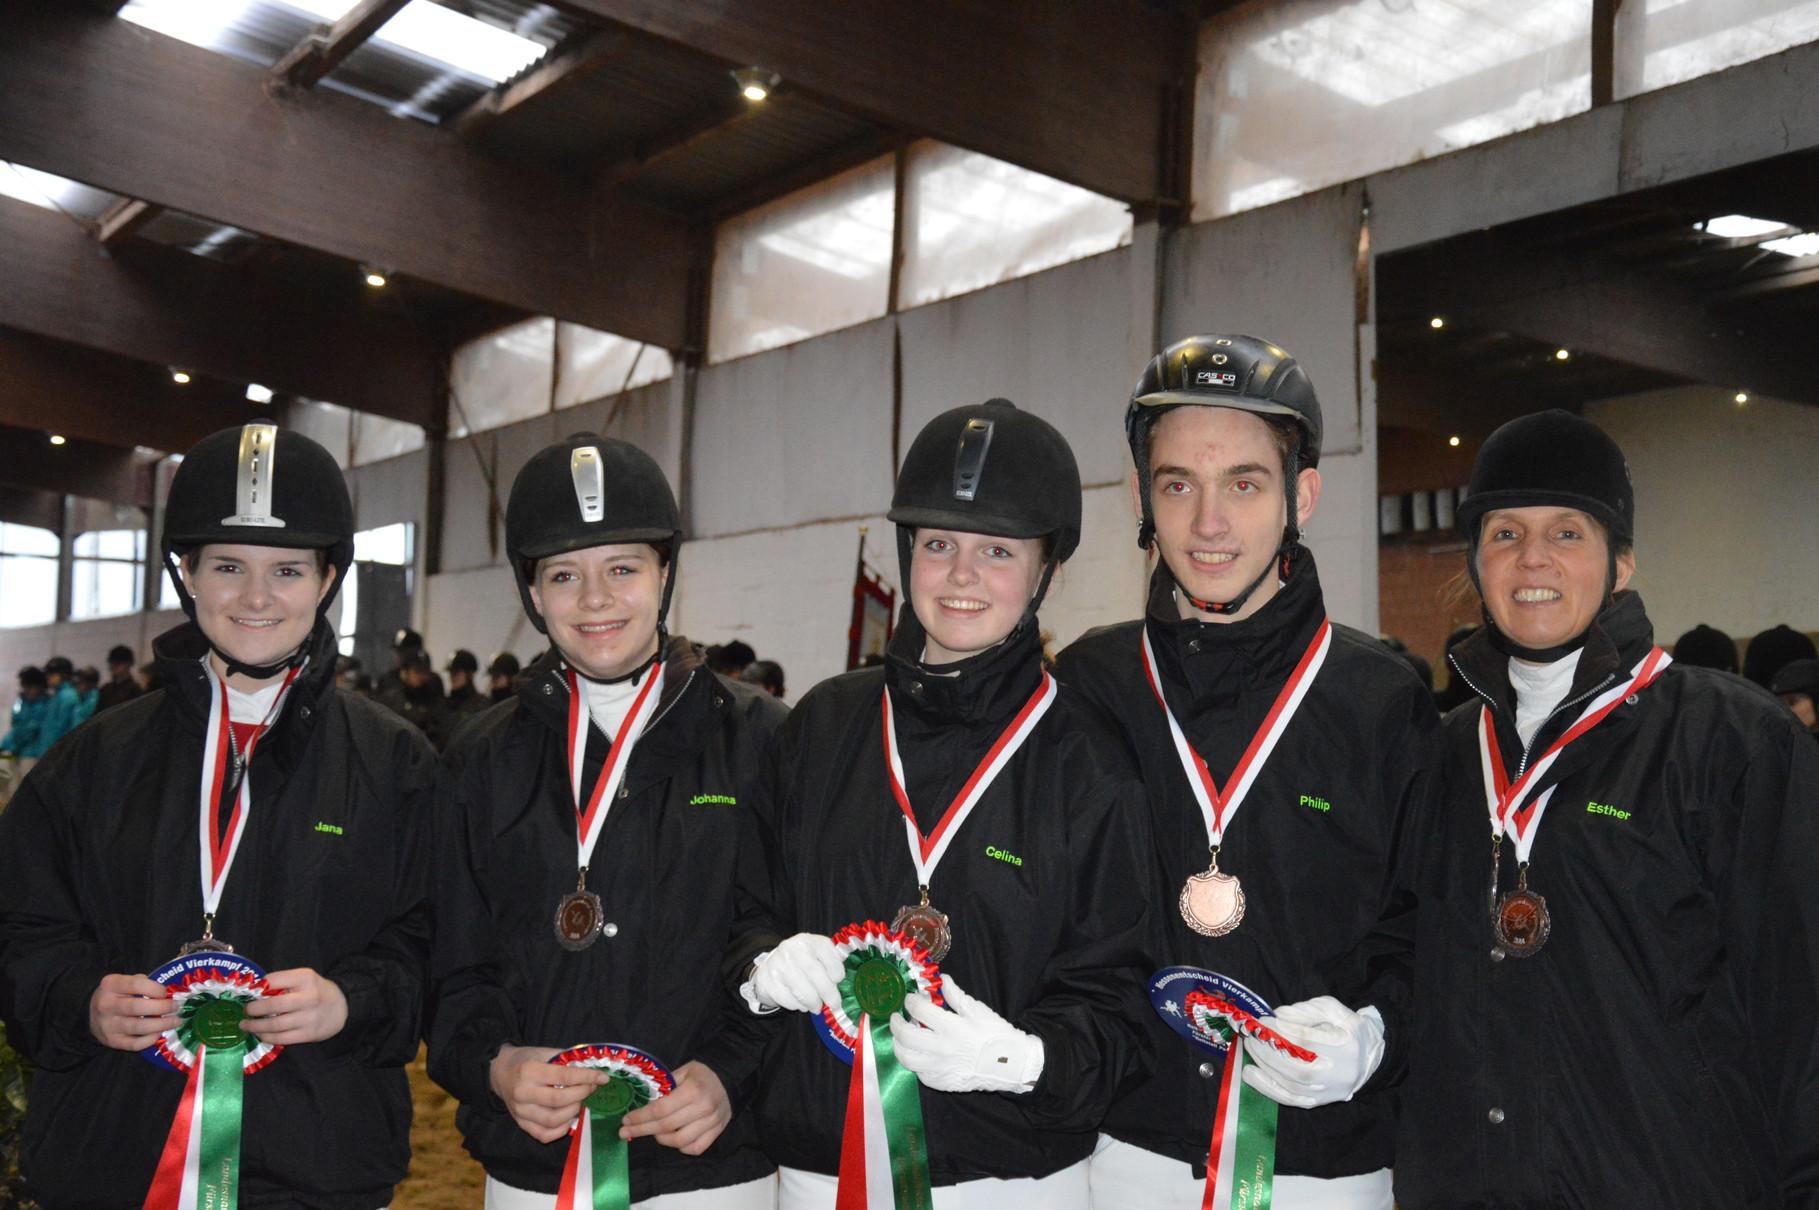 E-Mannschaft 2 mit: Jana, Johanna, Celina und Philipp